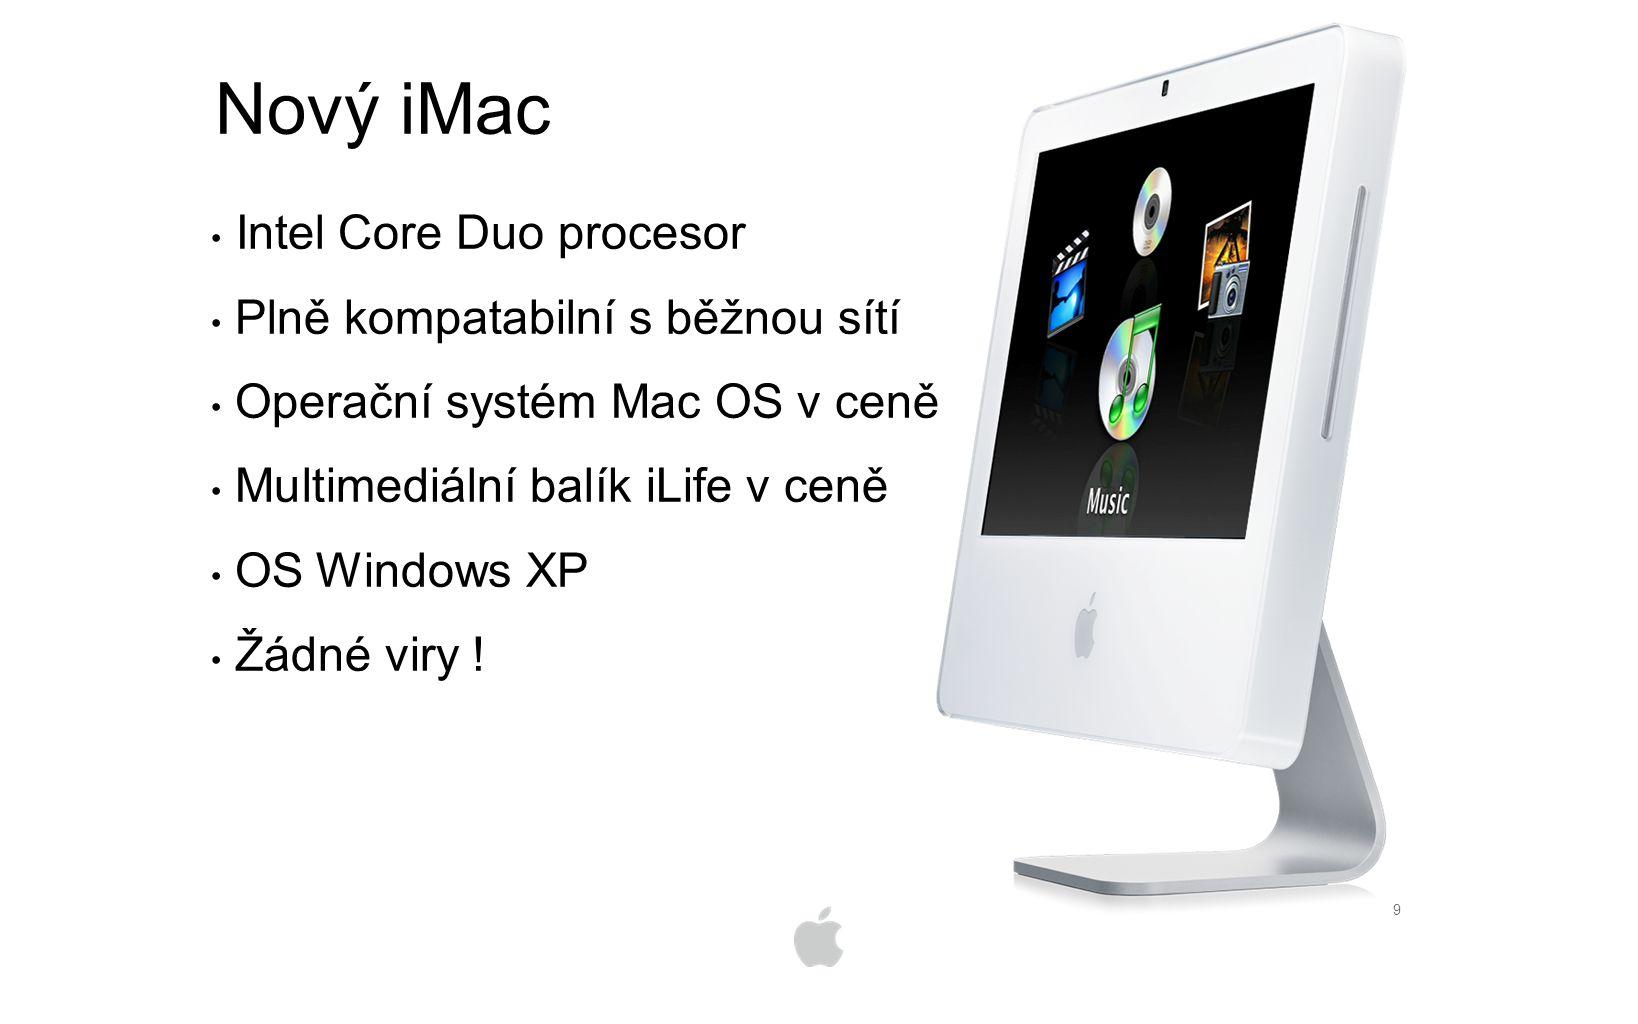 9 Nový iMac Intel Core Duo procesor Plně kompatabilní s běžnou sítí Operační systém Mac OS v ceně Multimediální balík iLife v ceně OS Windows XP Žádné